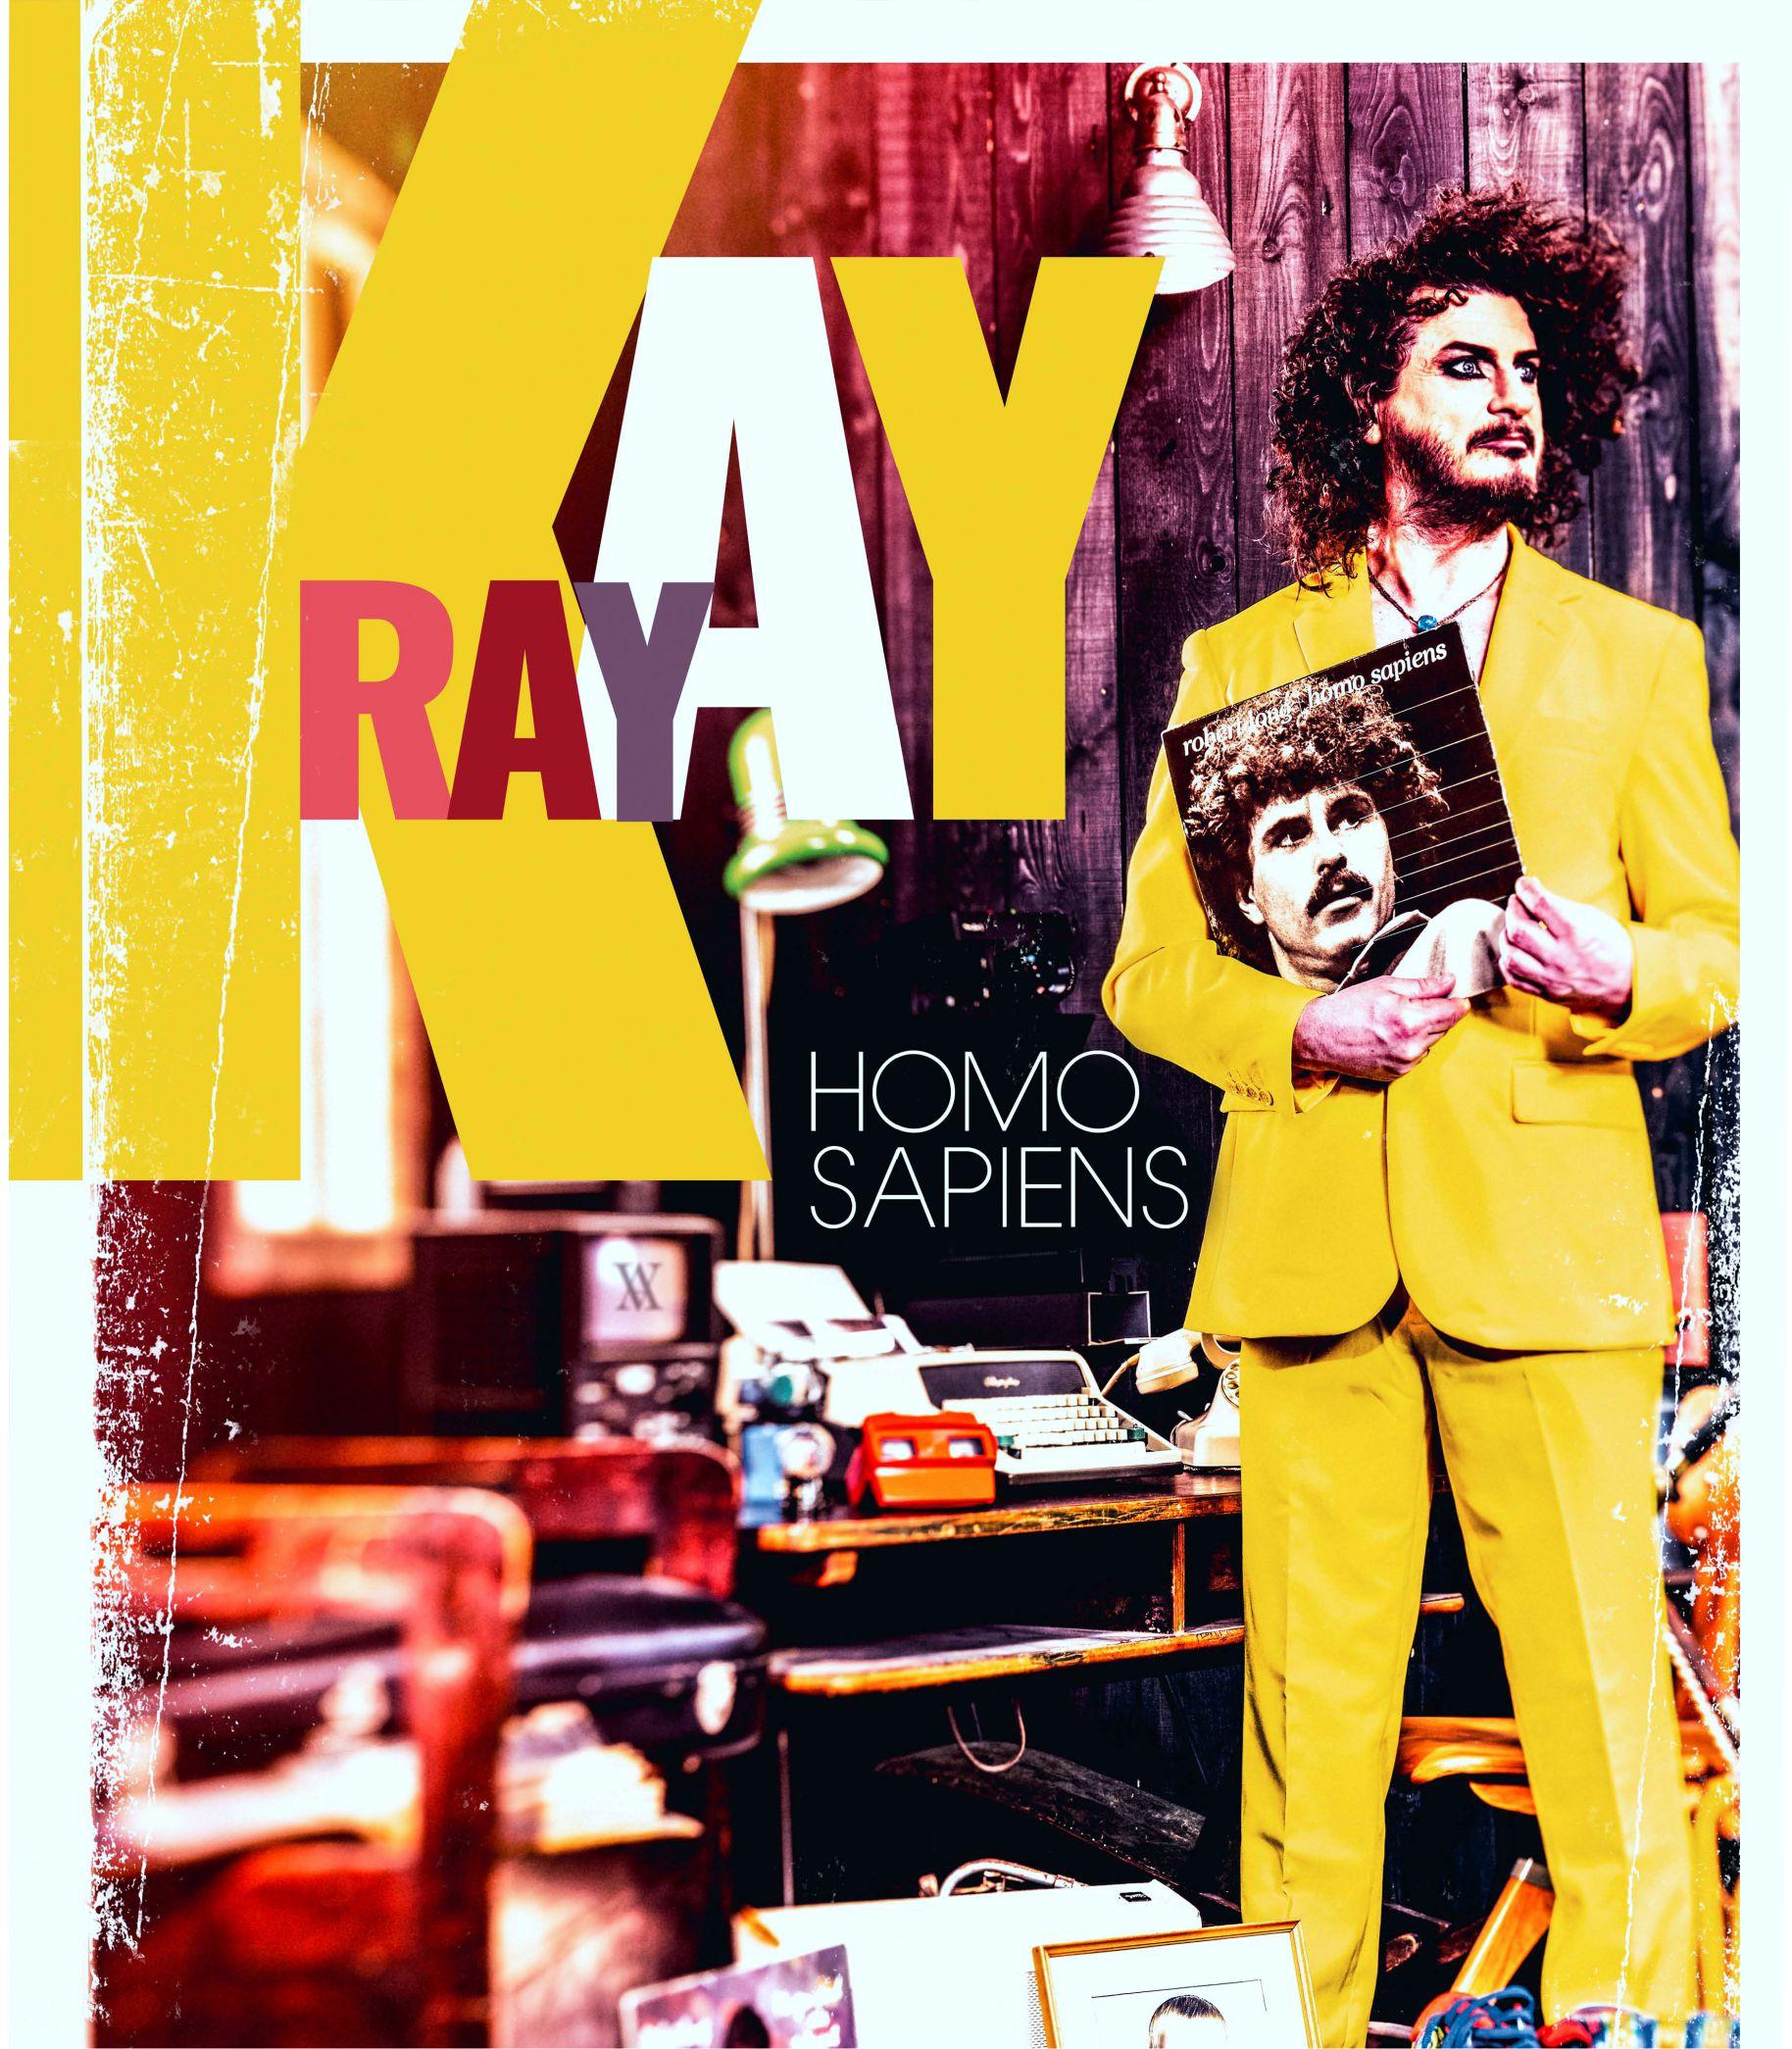 Link zu der Veranstaltung KAY RAY - HOMOSAPIENS